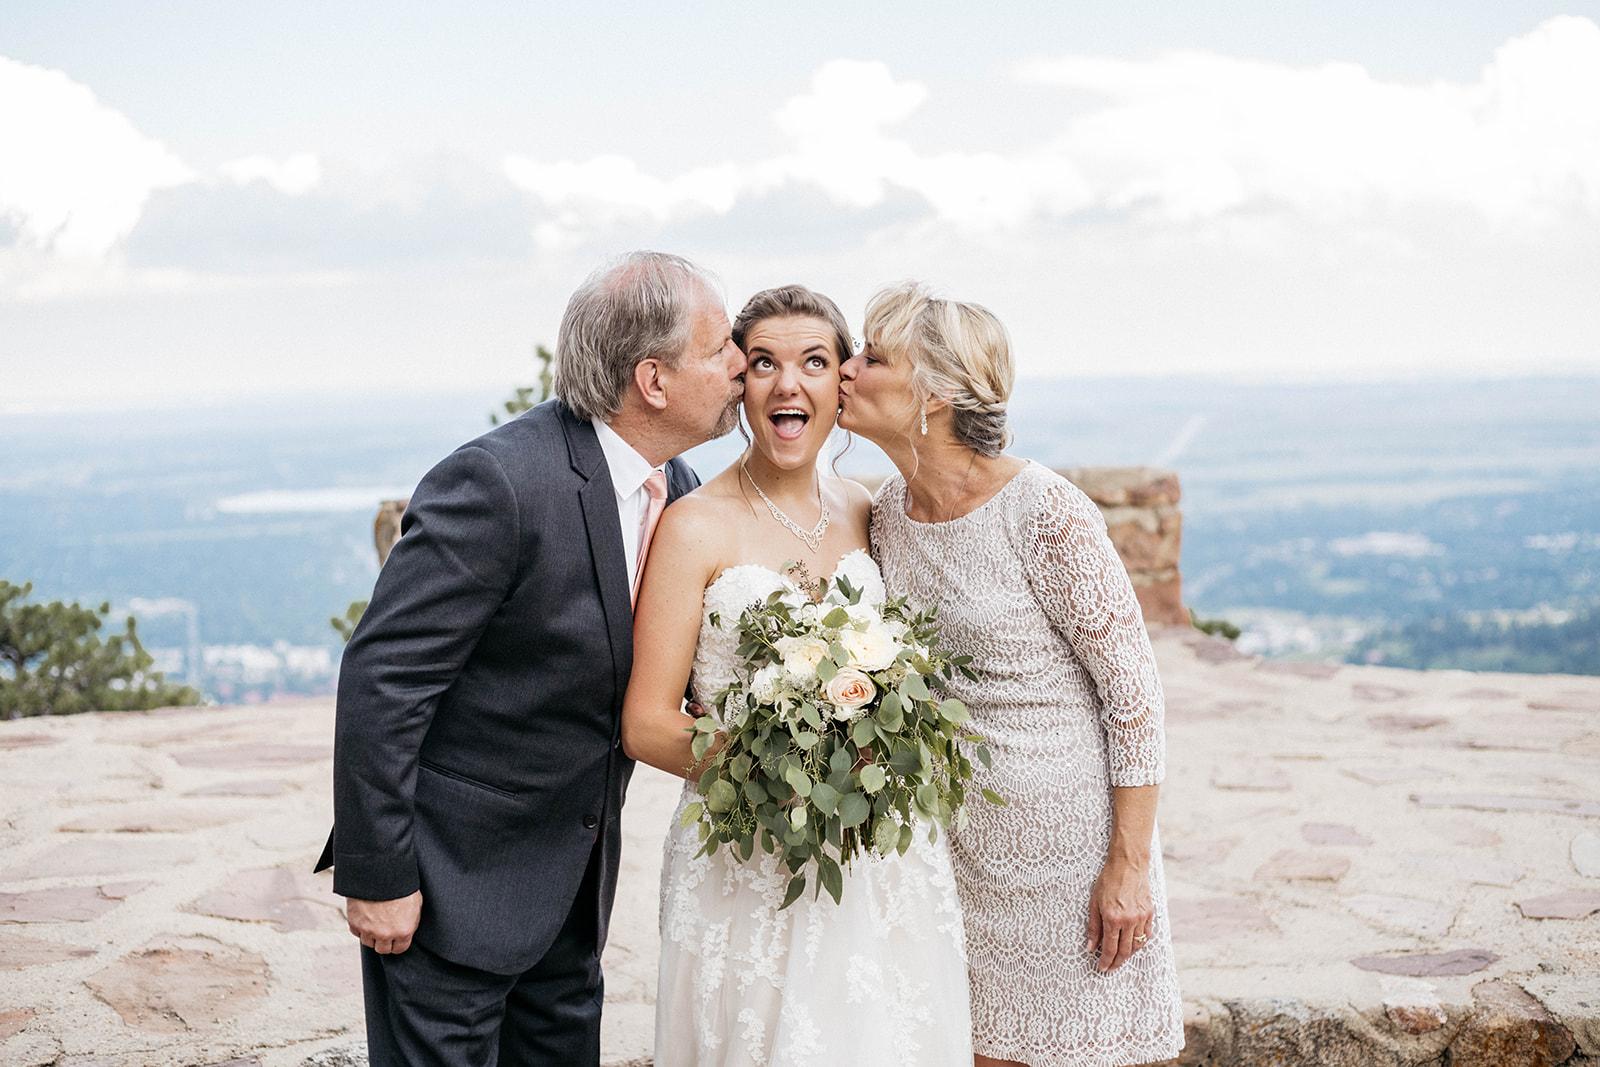 Katy_and_Solomon_Wedding_2019-488.jpg